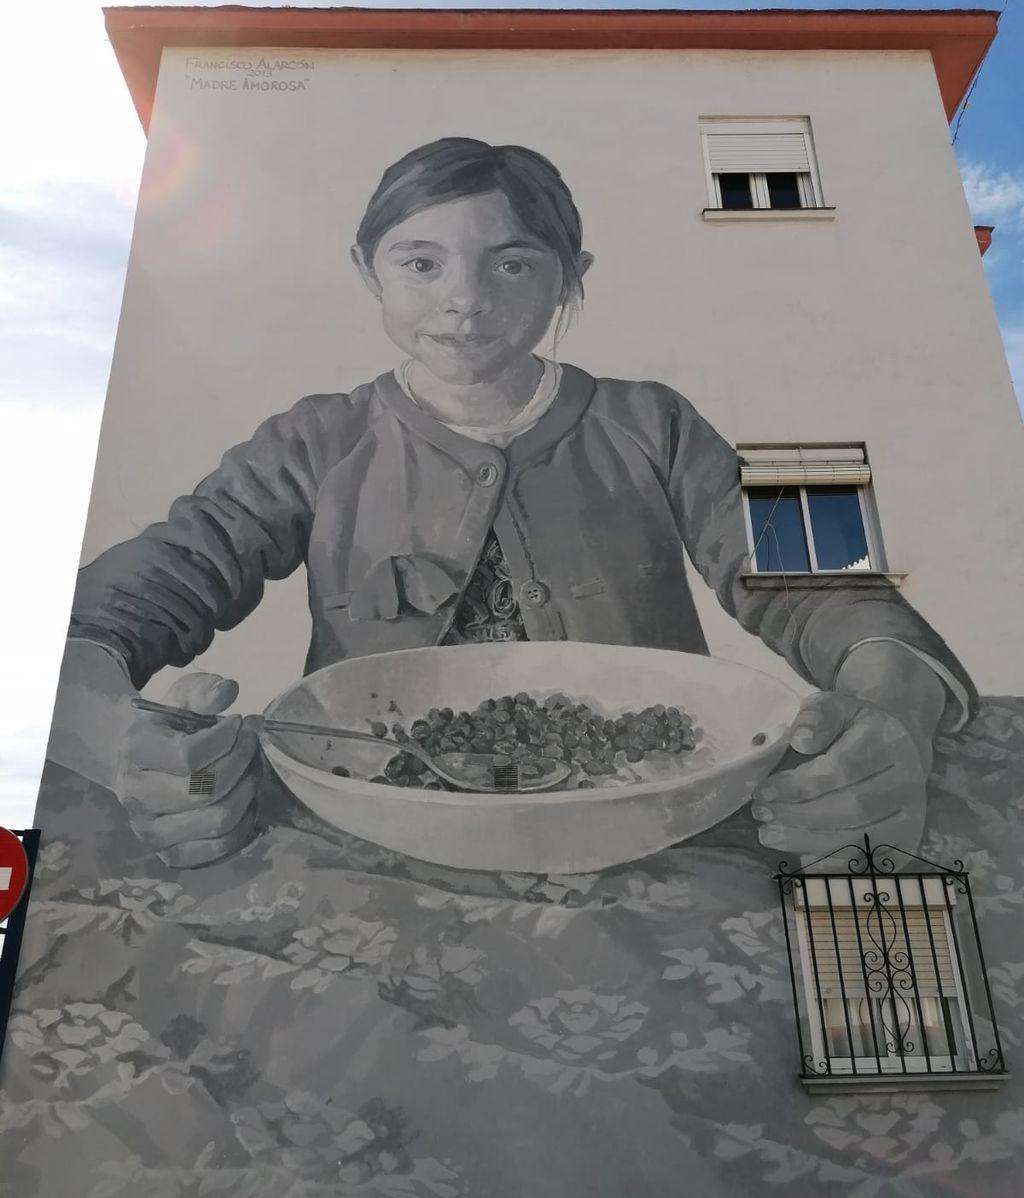 El título de este mural es 'Madre amorosa'